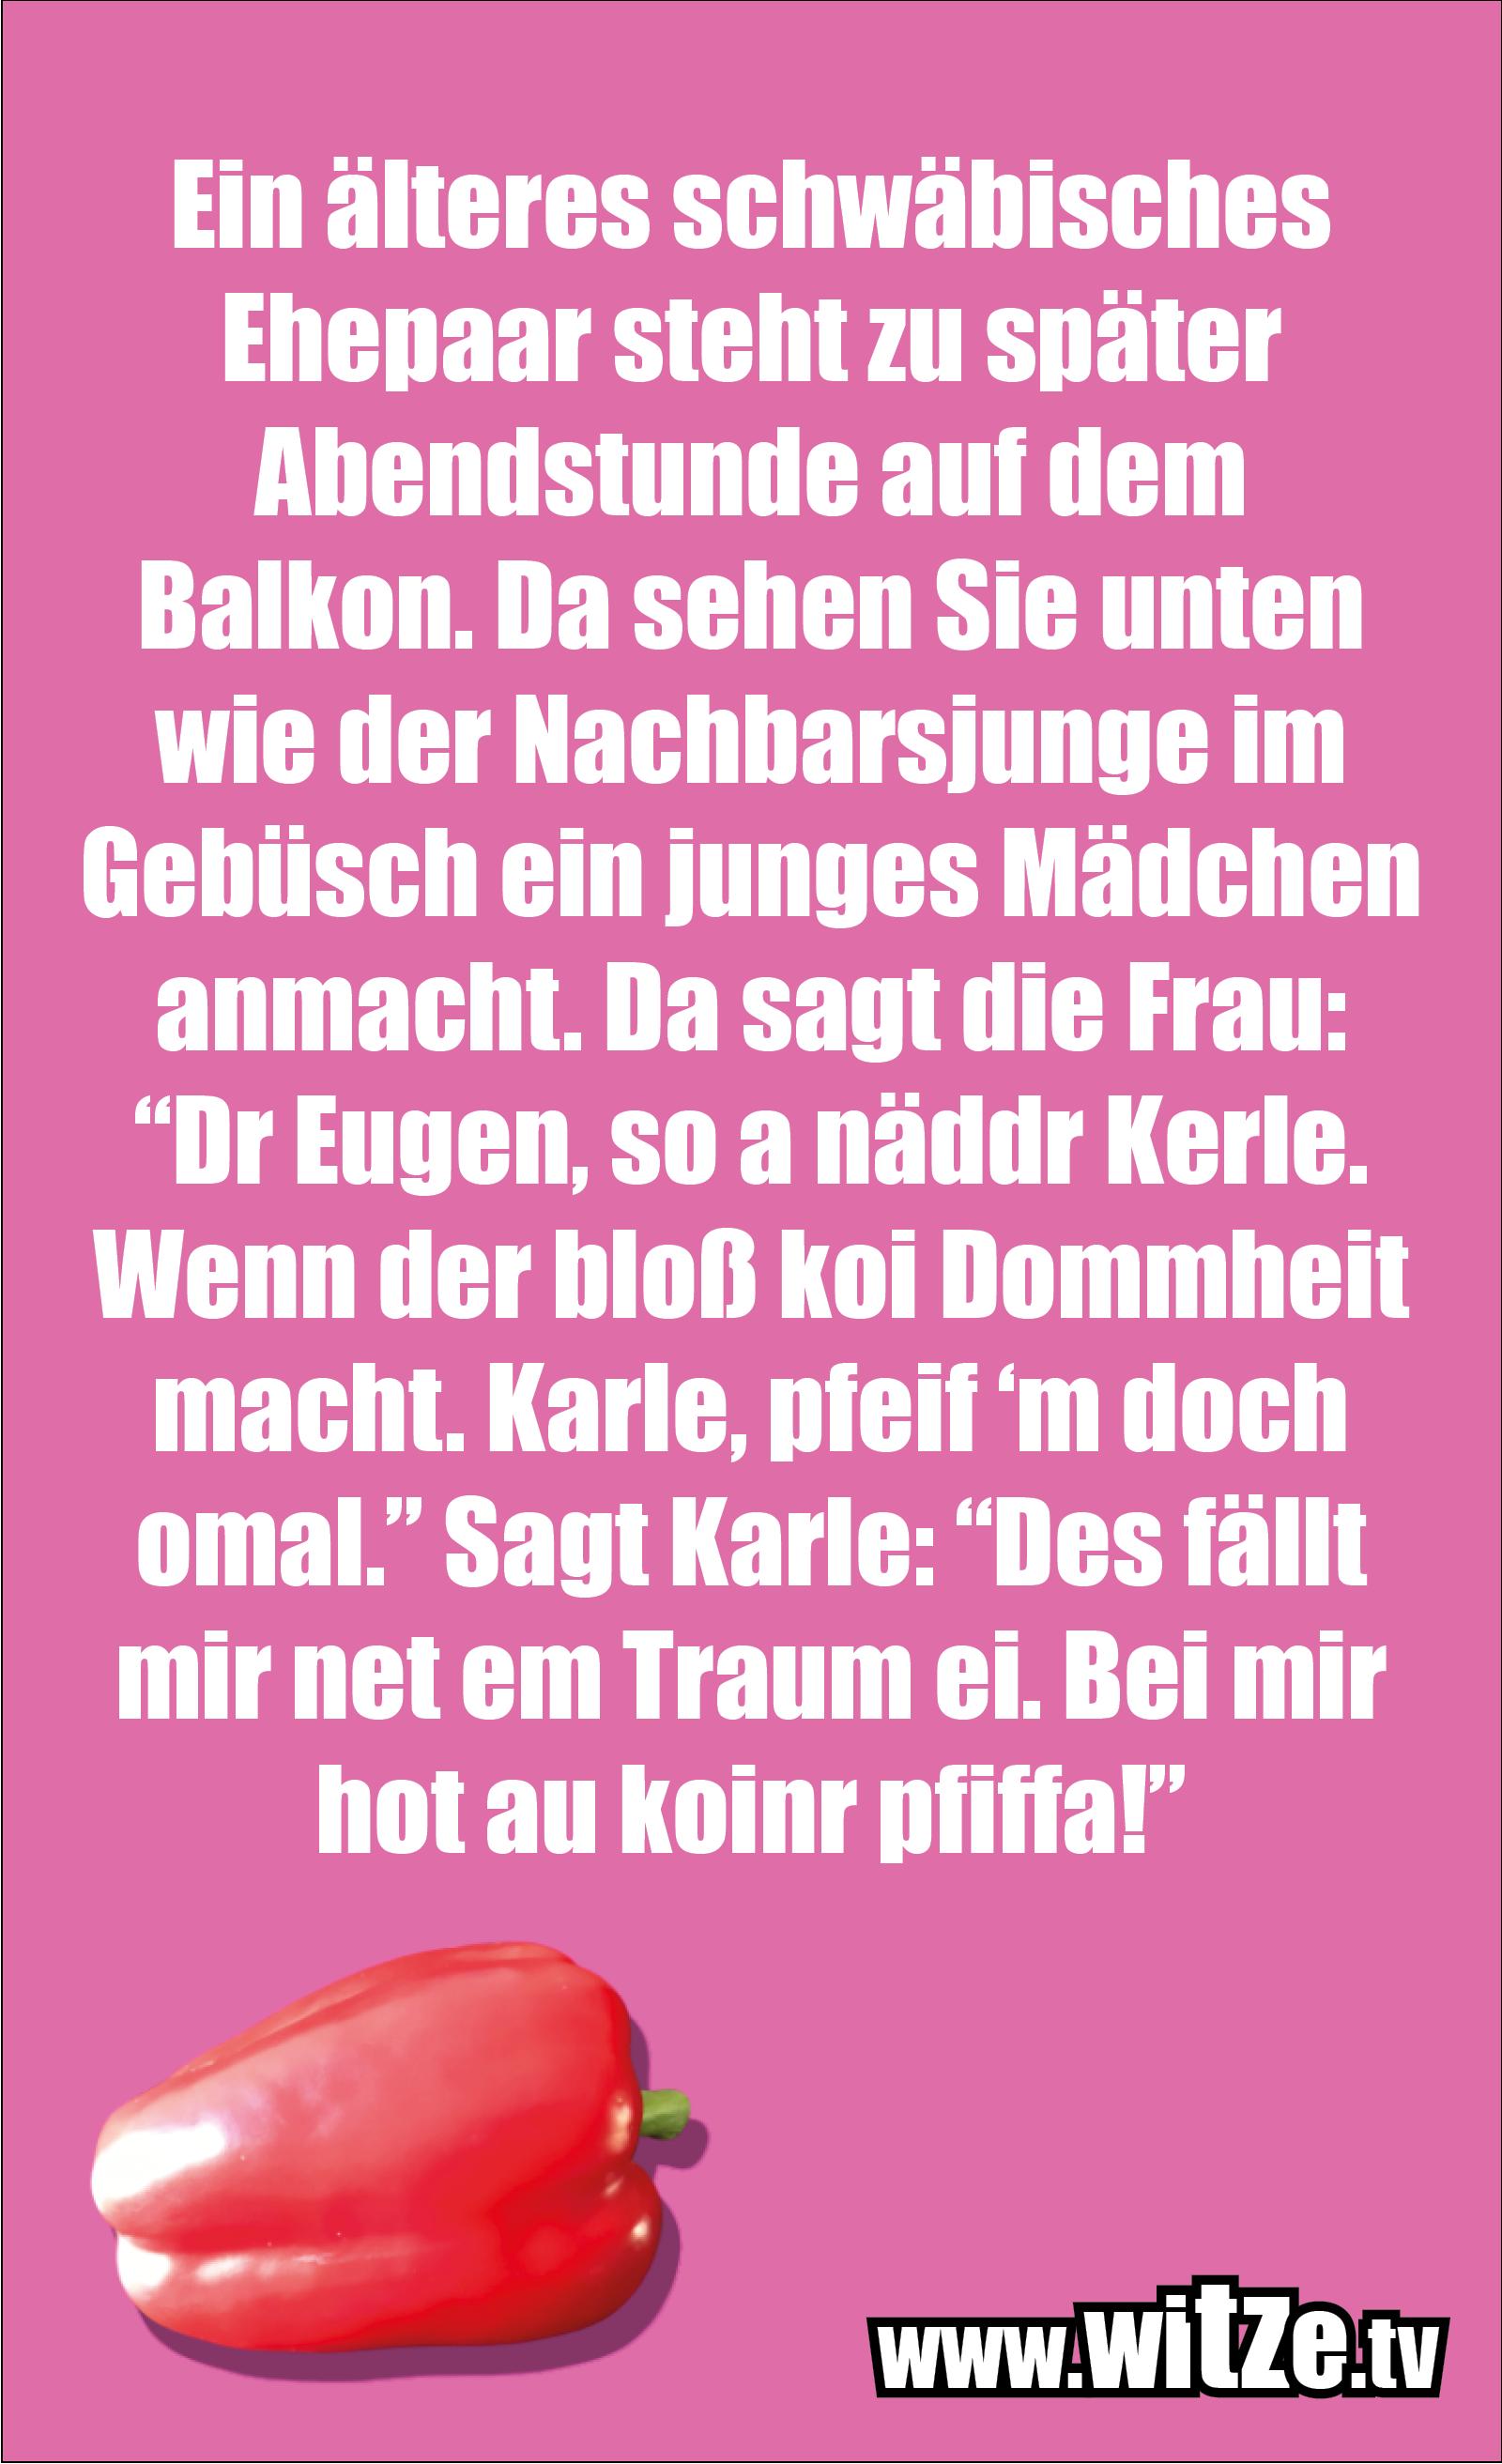 """Schwaben Witz… Ein älteres schwäbisches Ehepaar steht zu später Abendstunde auf dem Balkon. Da sehen Sie unten wie der Nachbarsjunge im Gebüsch ein junges Mädchen anmacht. Da sagt die Frau: """"Dr Eugen, so a näddr Kerle. Wenn der bloß koi Dommheit macht. Karle, pfeif 'm doch omal."""" Sagt Karle: """"Des fällt mir net em Traum ei. Bei mir hot au koinr pfiffa!"""""""